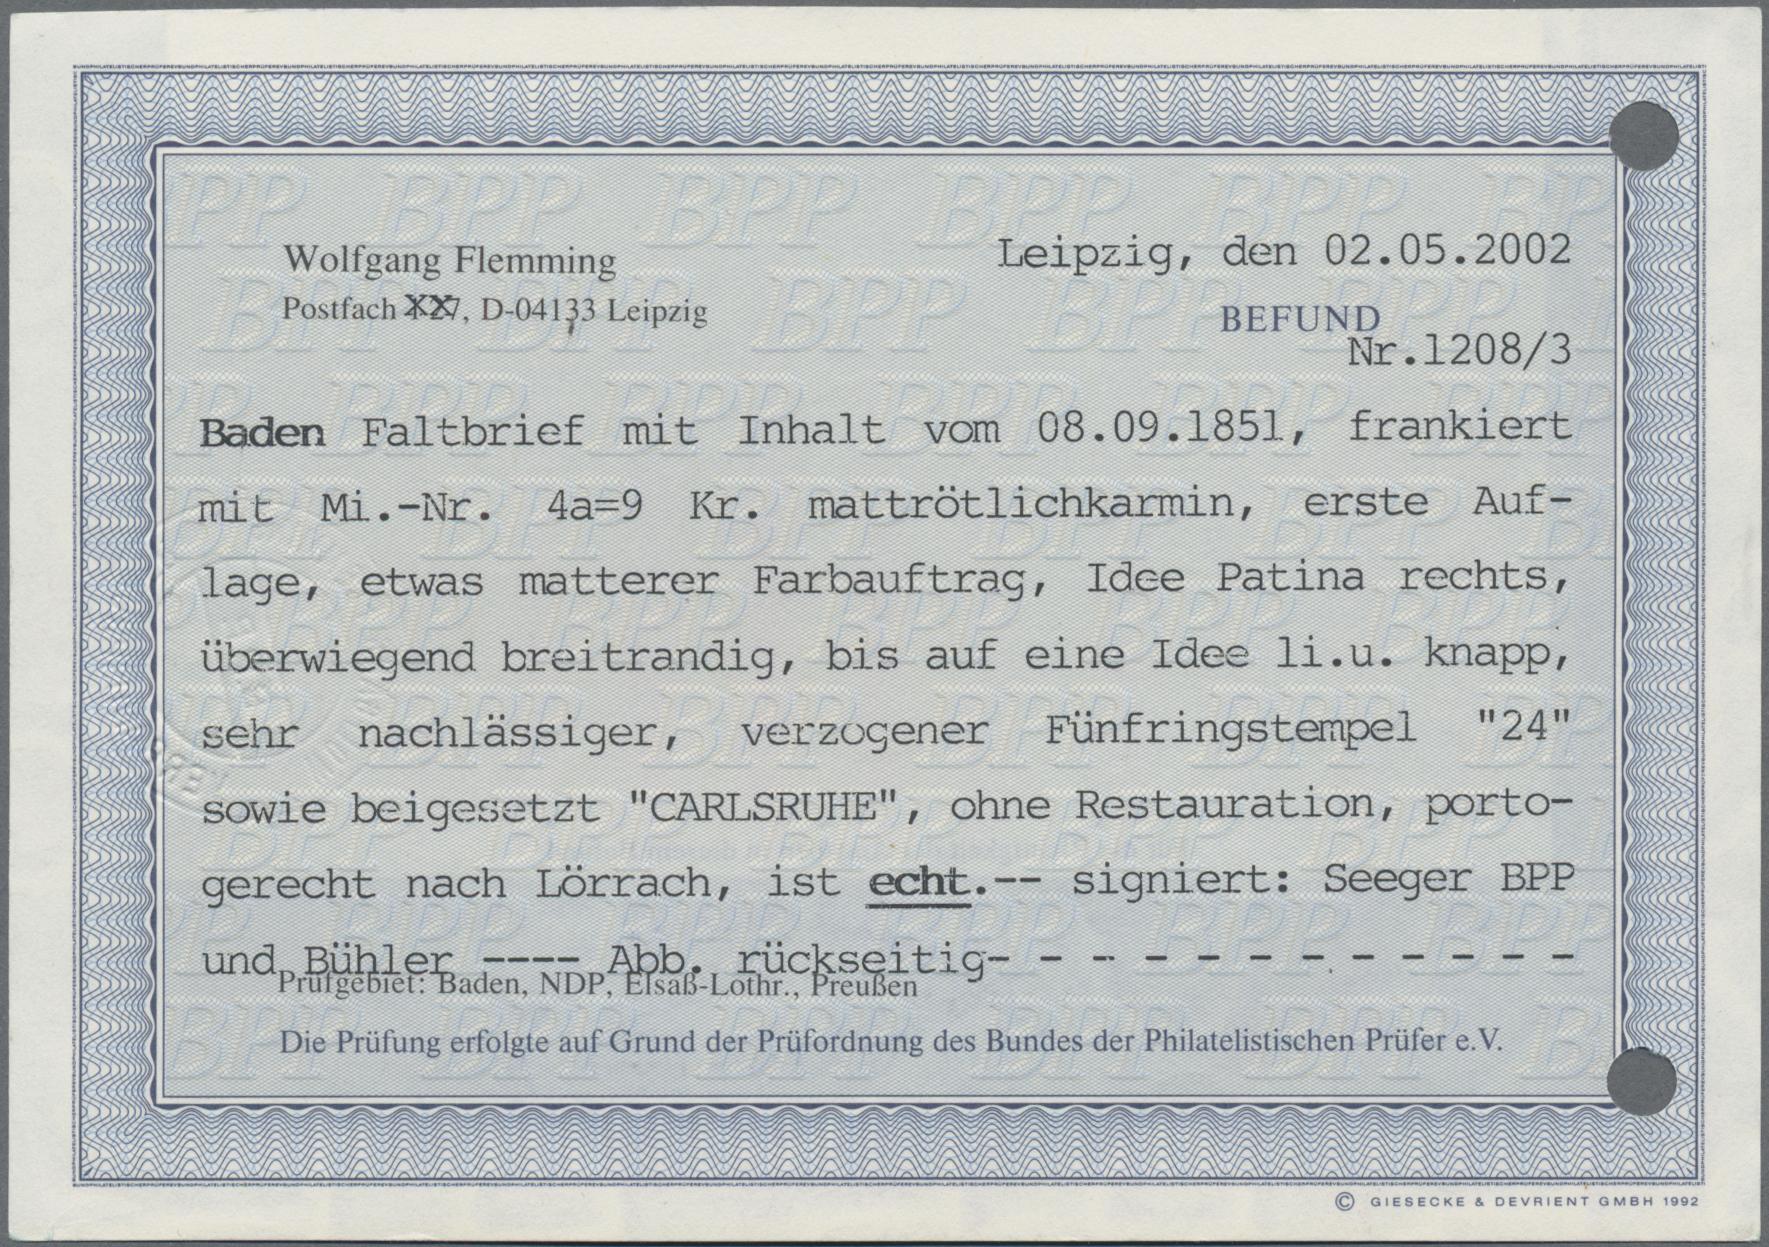 Lot 05005 - Baden - Marken und Briefe  -  Auktionshaus Christoph Gärtner GmbH & Co. KG 51th Auction - Day 3